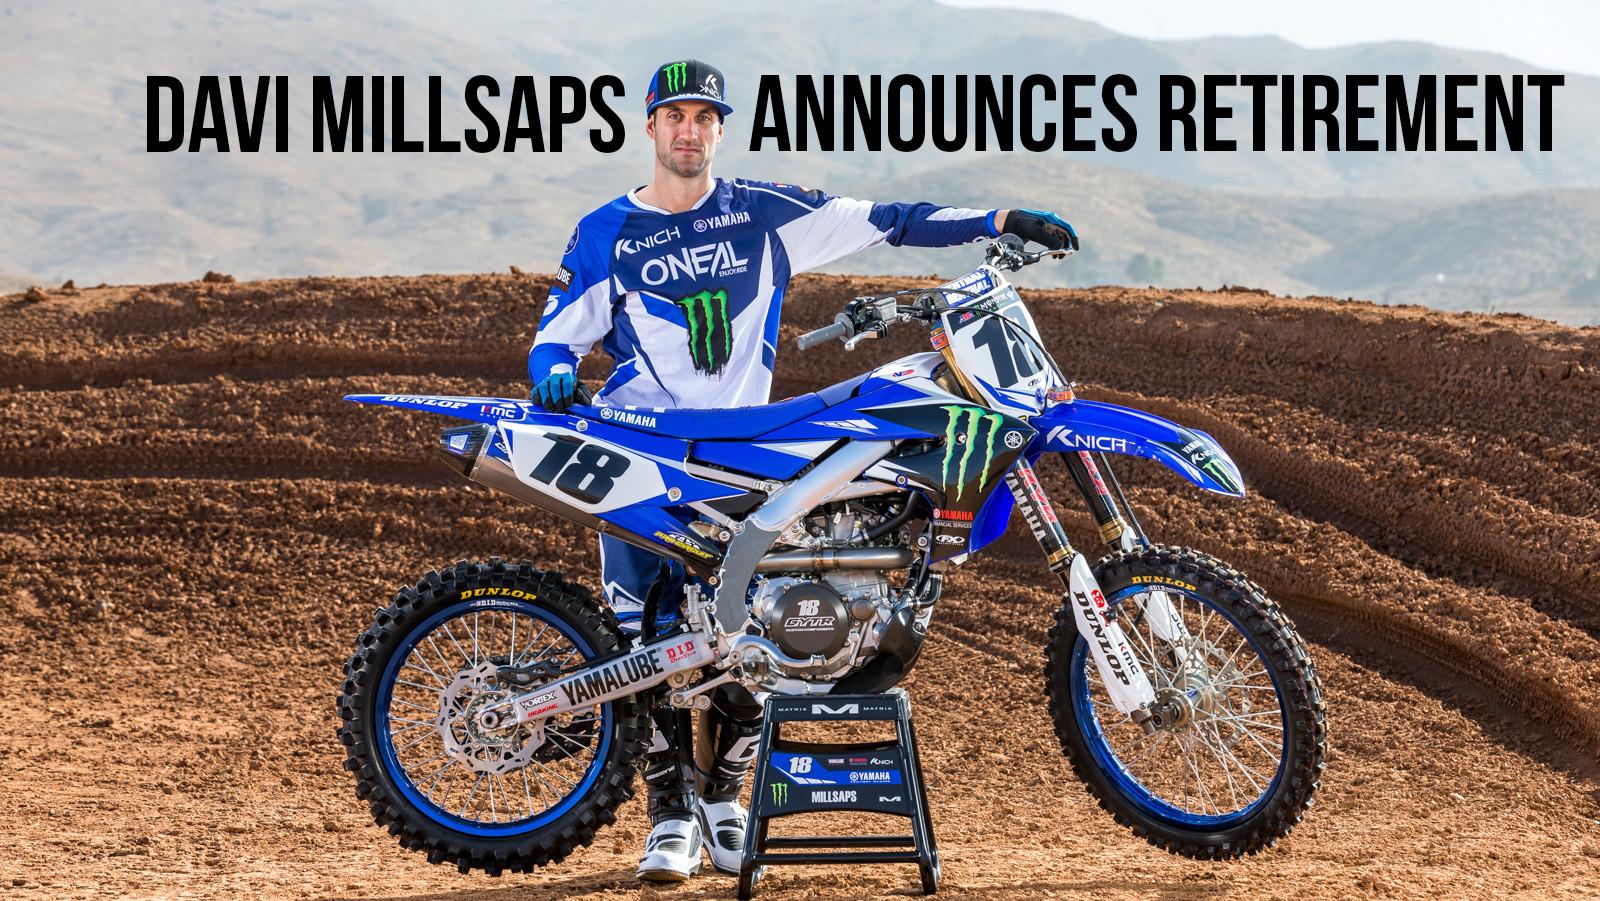 Davi Millsaps Retires